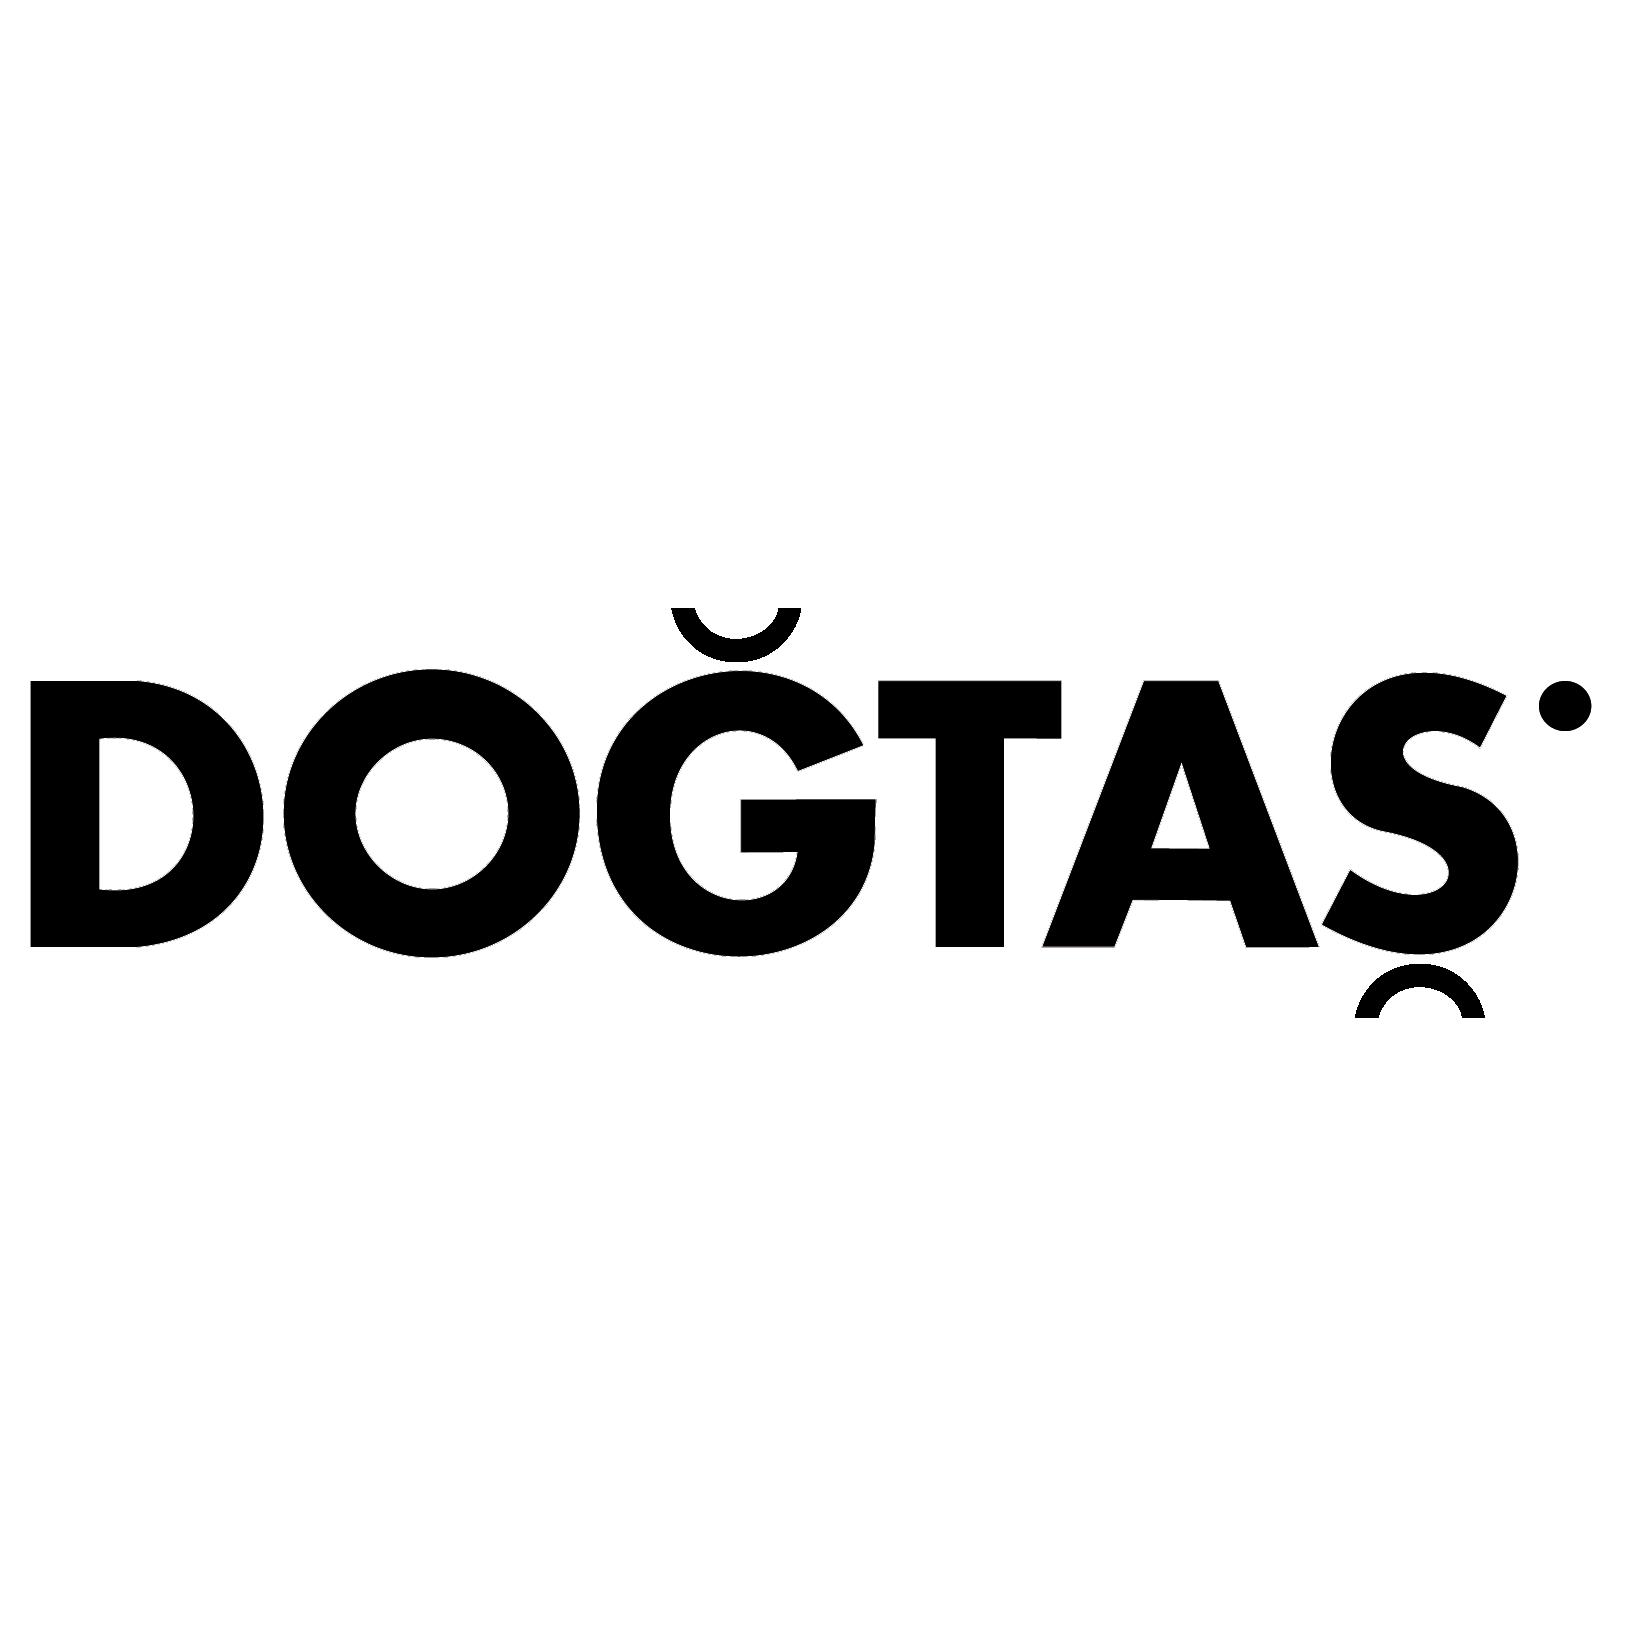 Dogtash